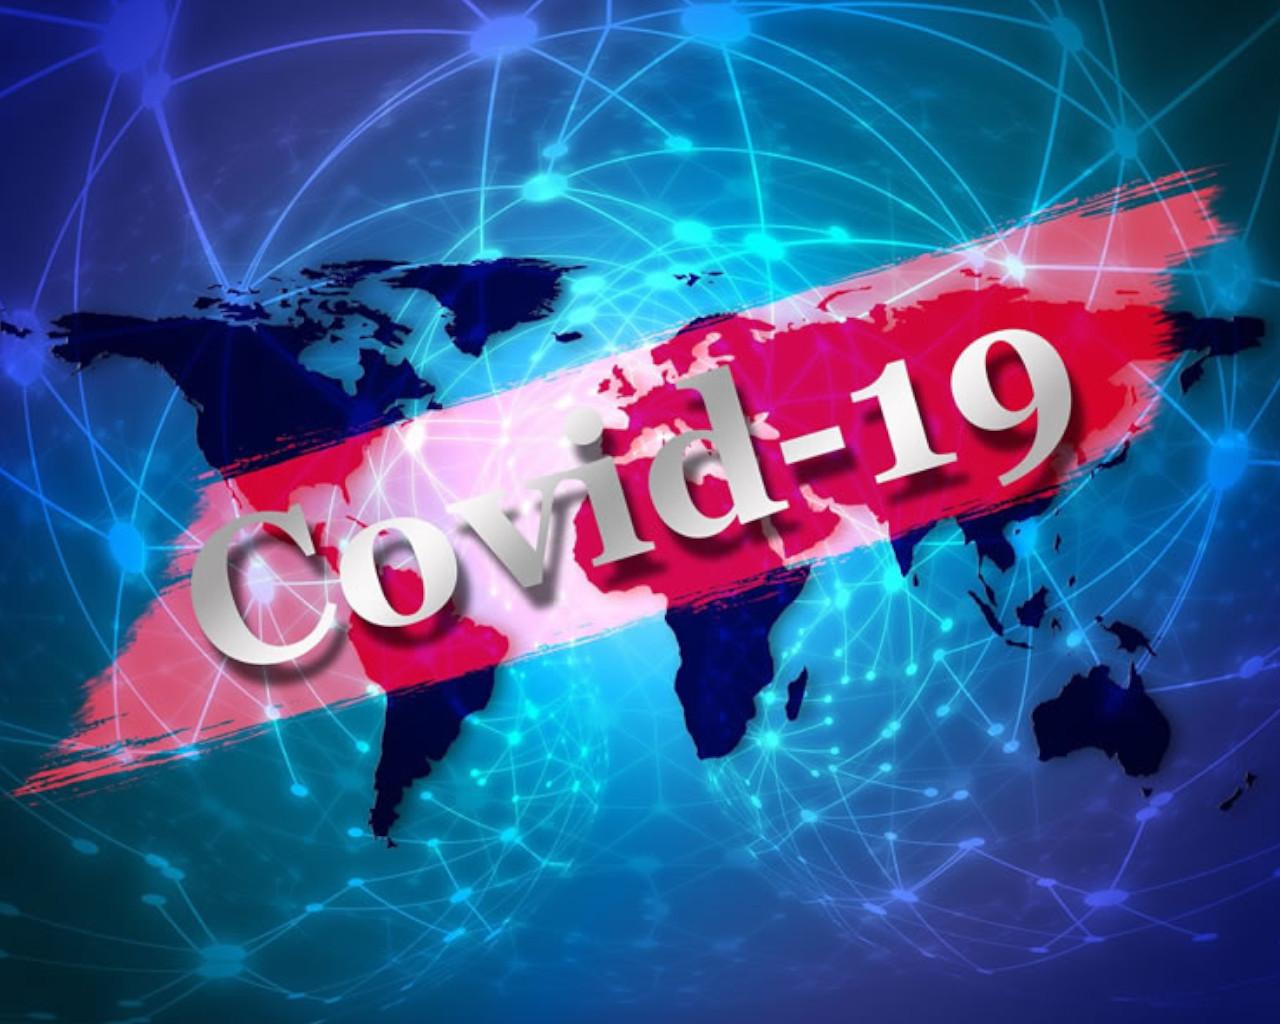 προστασια covid-19,πολιτικη προστασια χαρτησ covid 19,πολιτικη προστασια covid 19